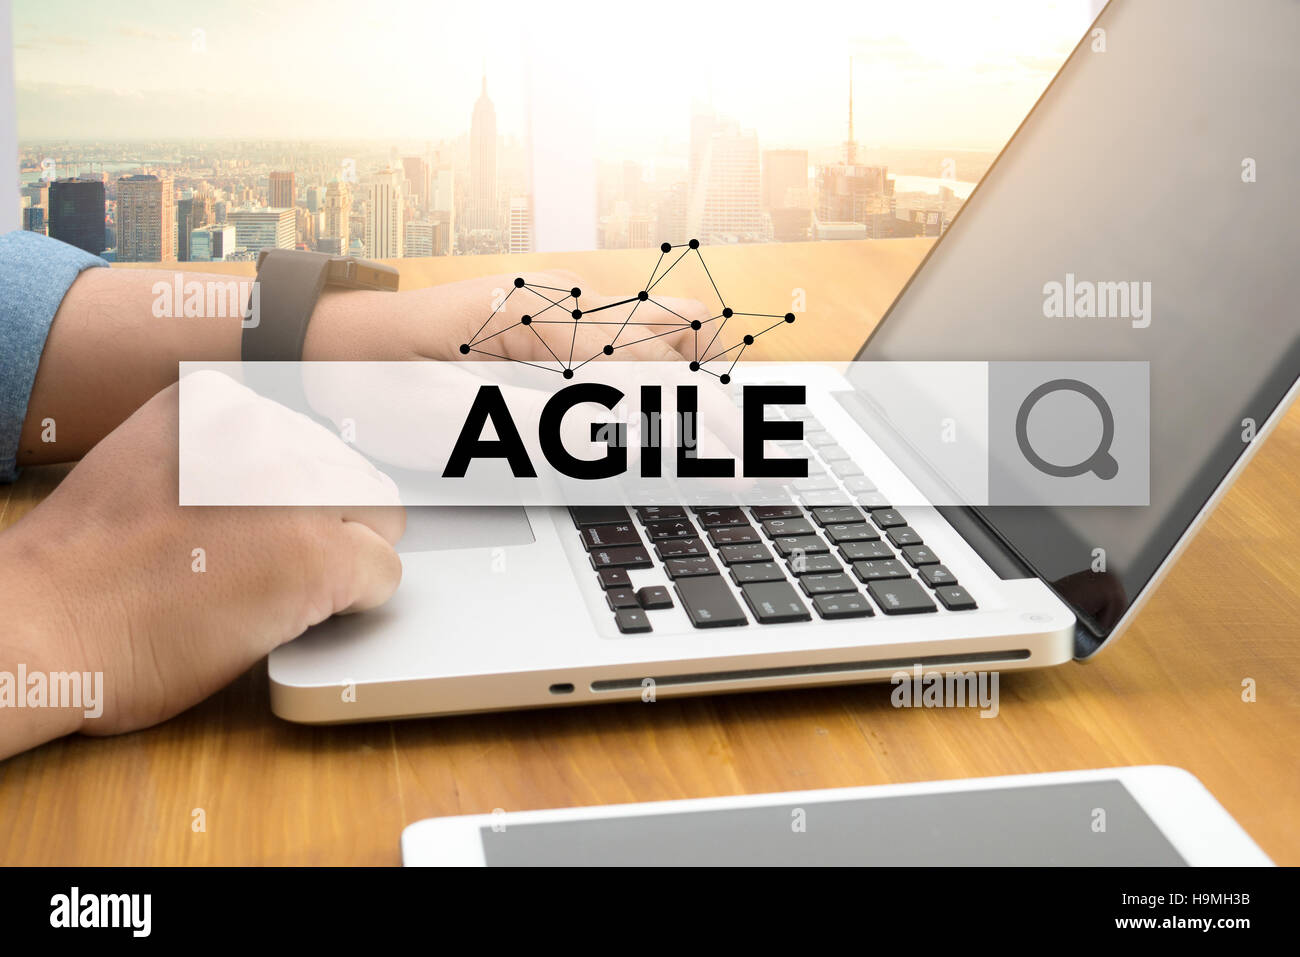 Agilità Agile agile Quick Fast Concept Immagini Stock